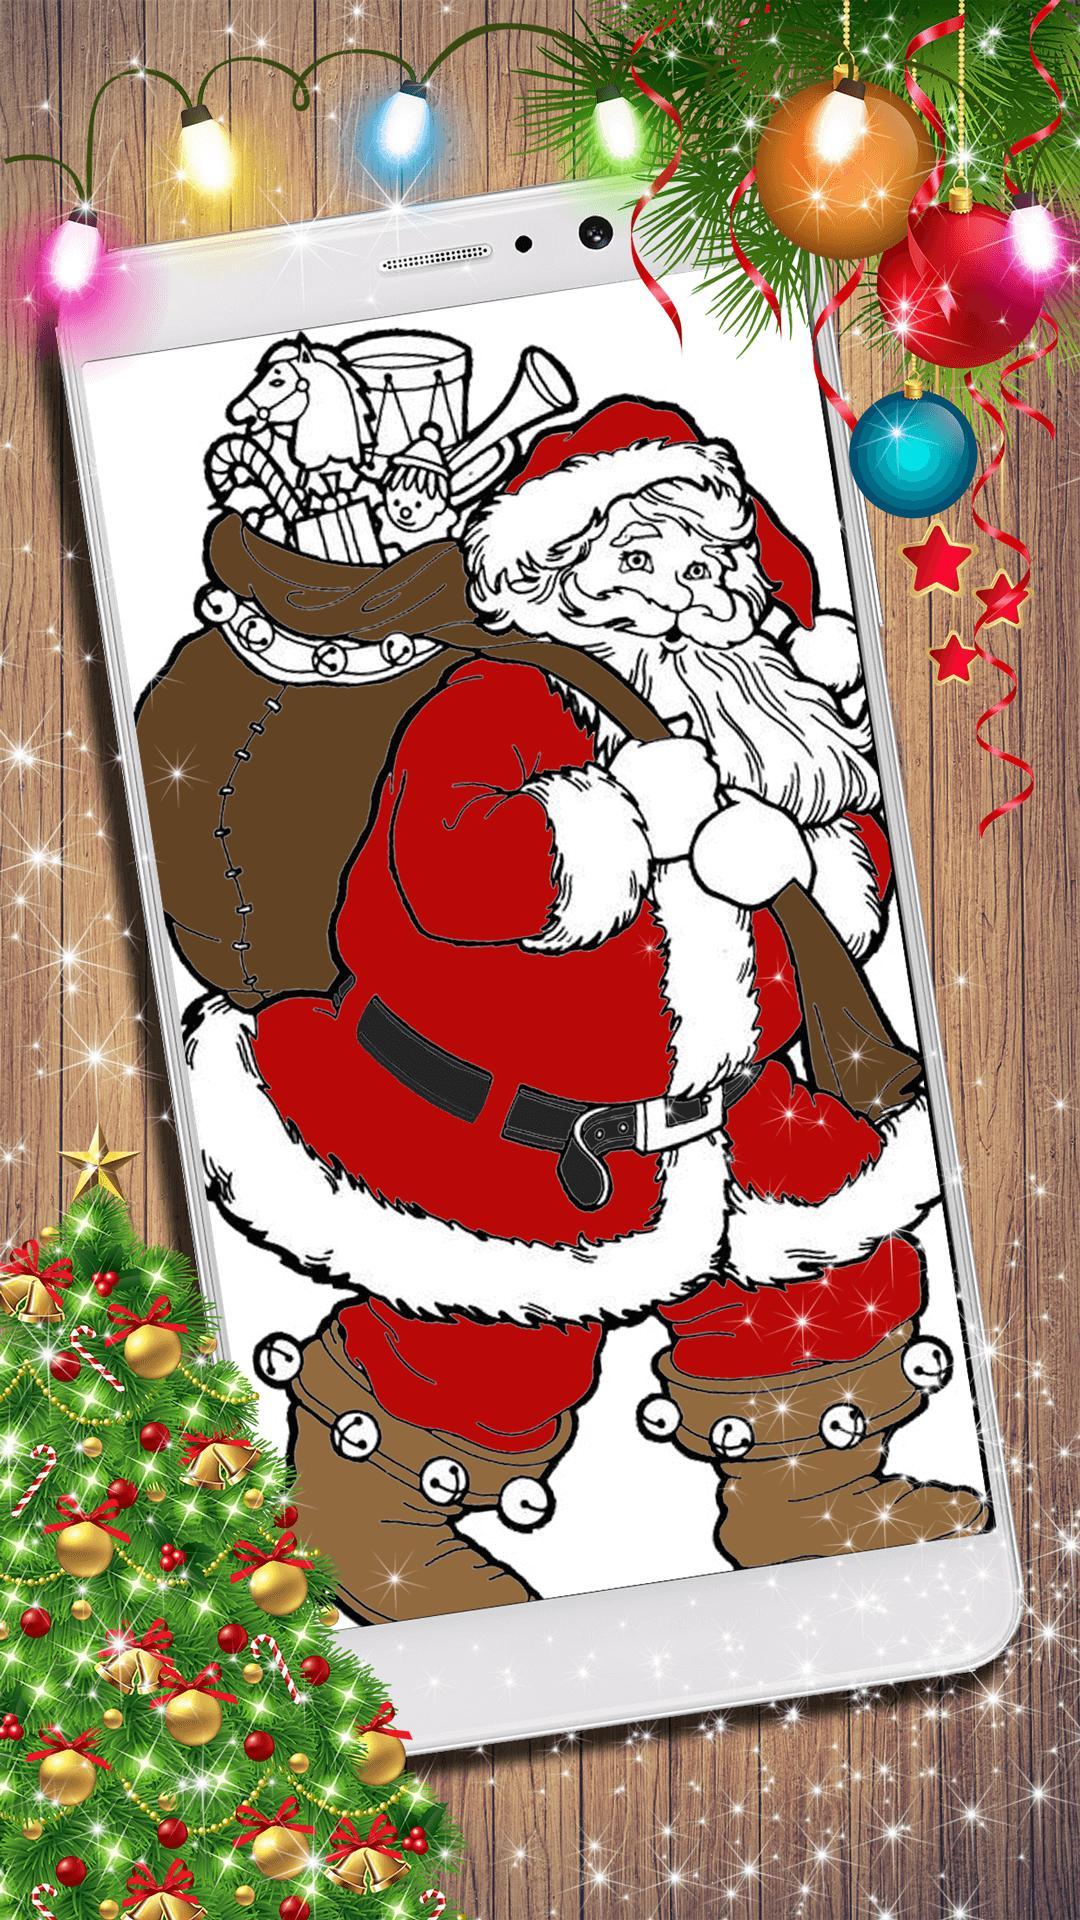 Kleurplaten Van Kerstmis Nieuwjaar.Kleurplaten Kerstmis Nieuwjaar Kerst Spelletjes For